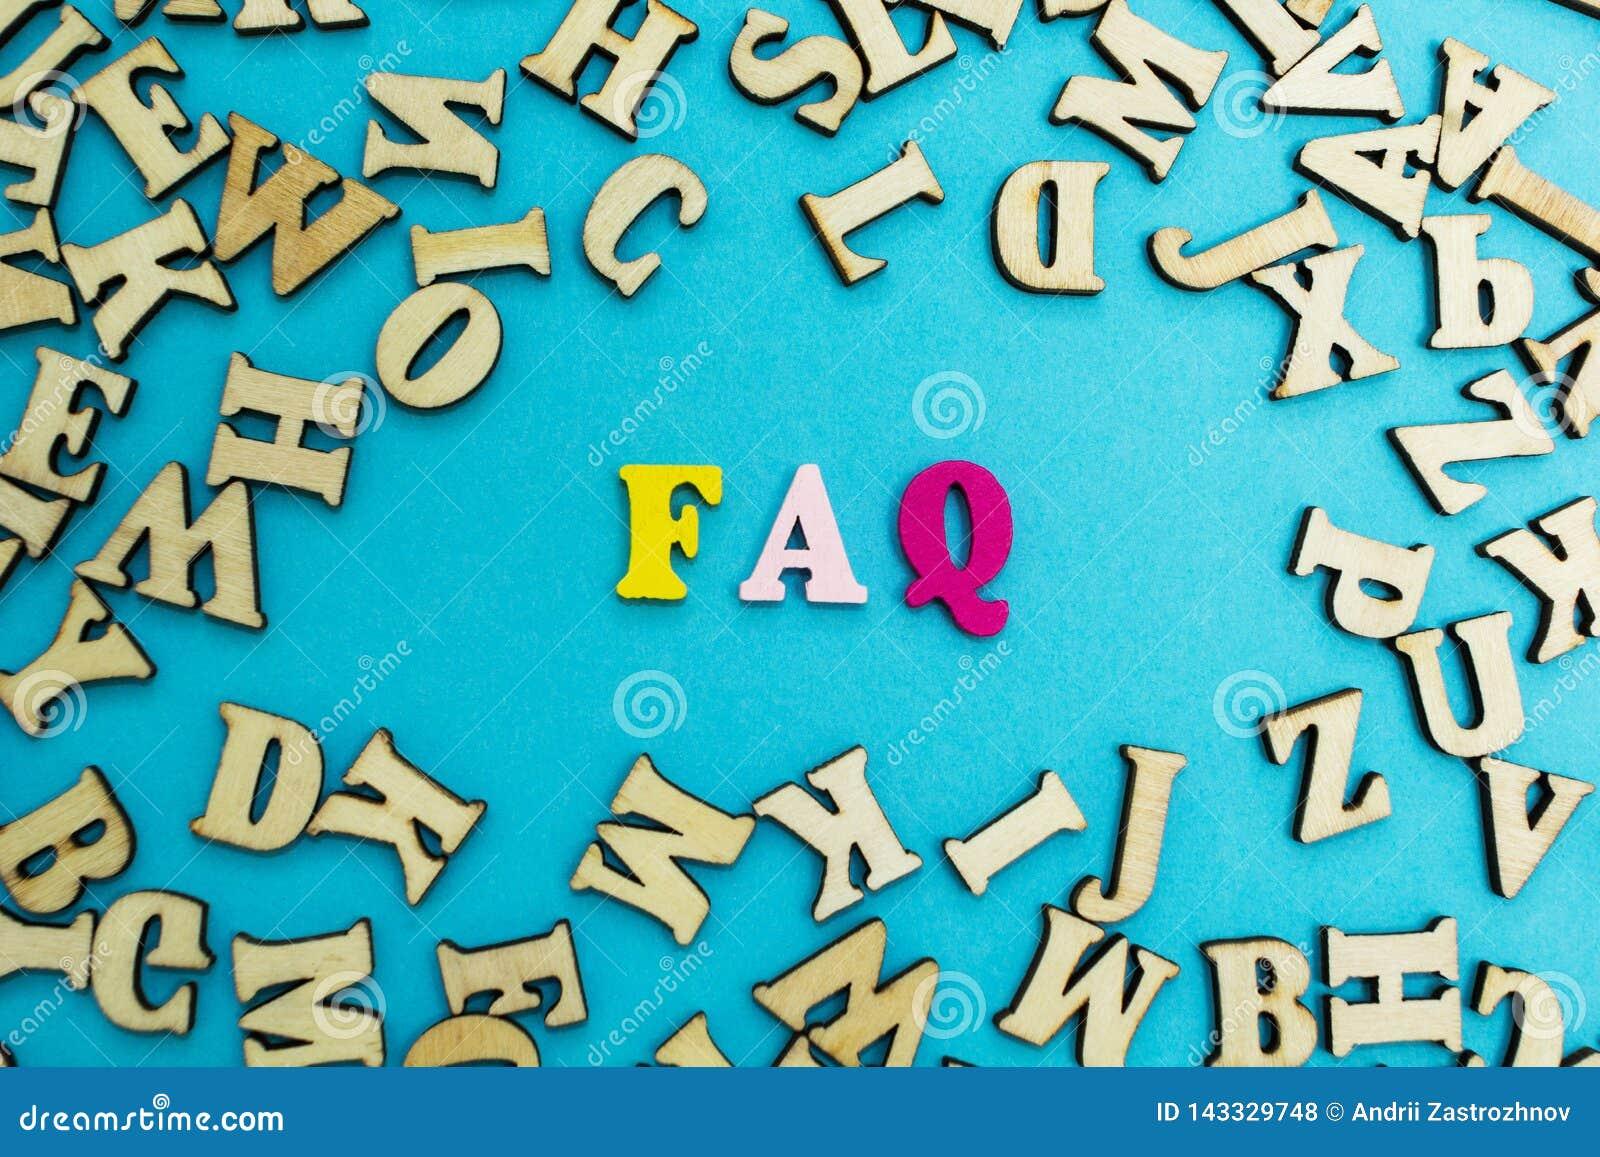 A abreviatura 'FAQ 'é apresentada das letras coloridos em um fundo azul